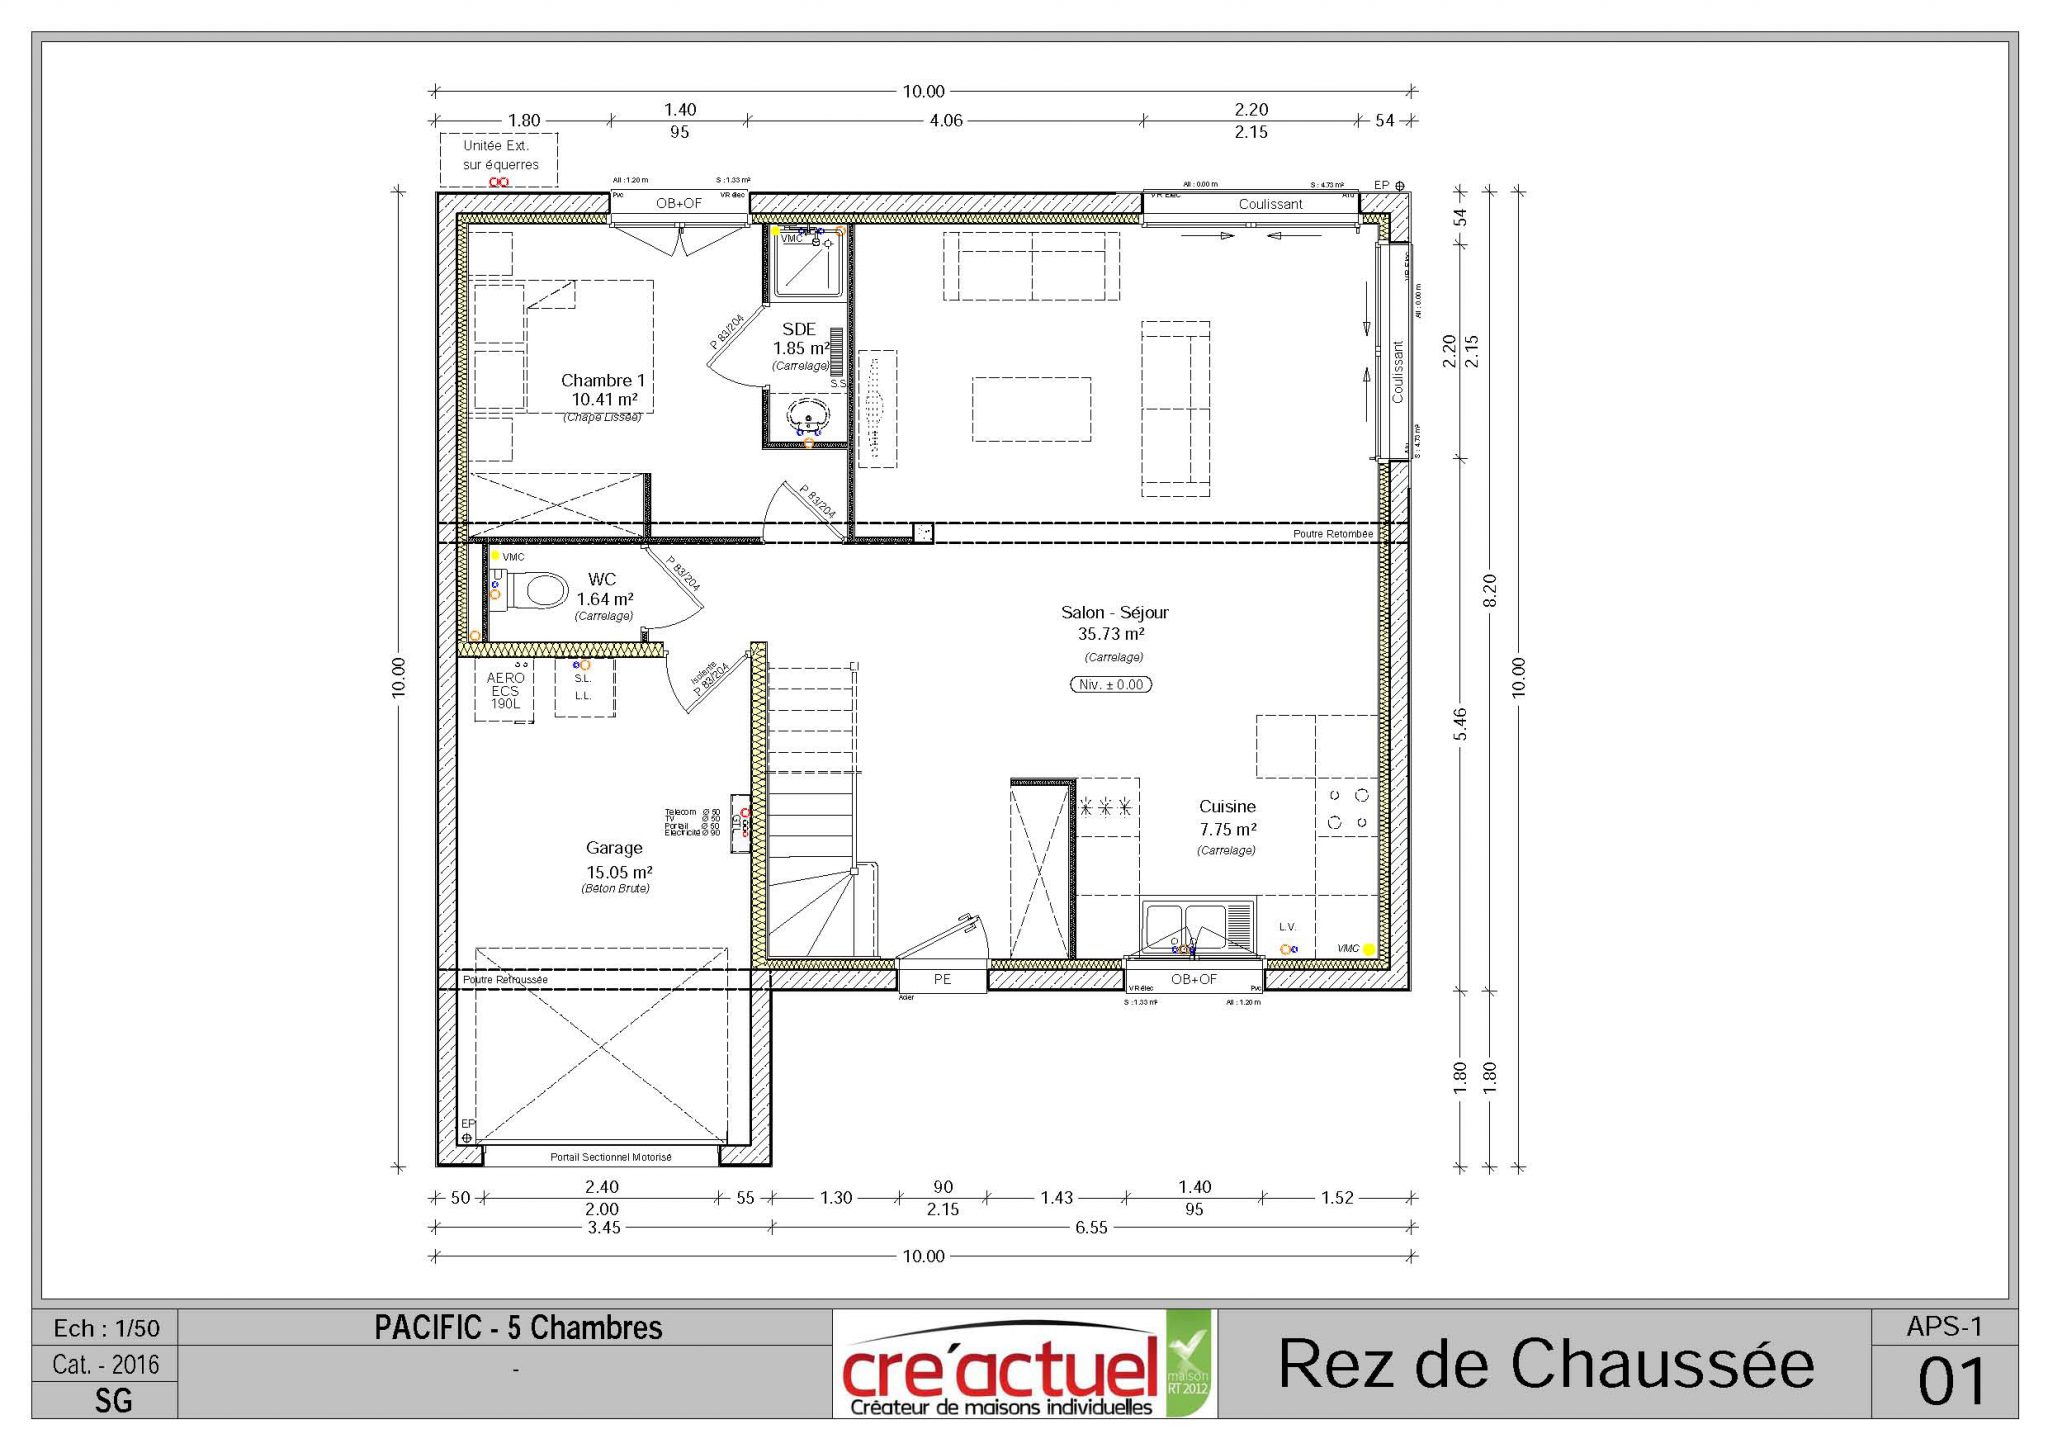 Maison mod¨le Pacific 4 pans 5 chambres garage Creactuel